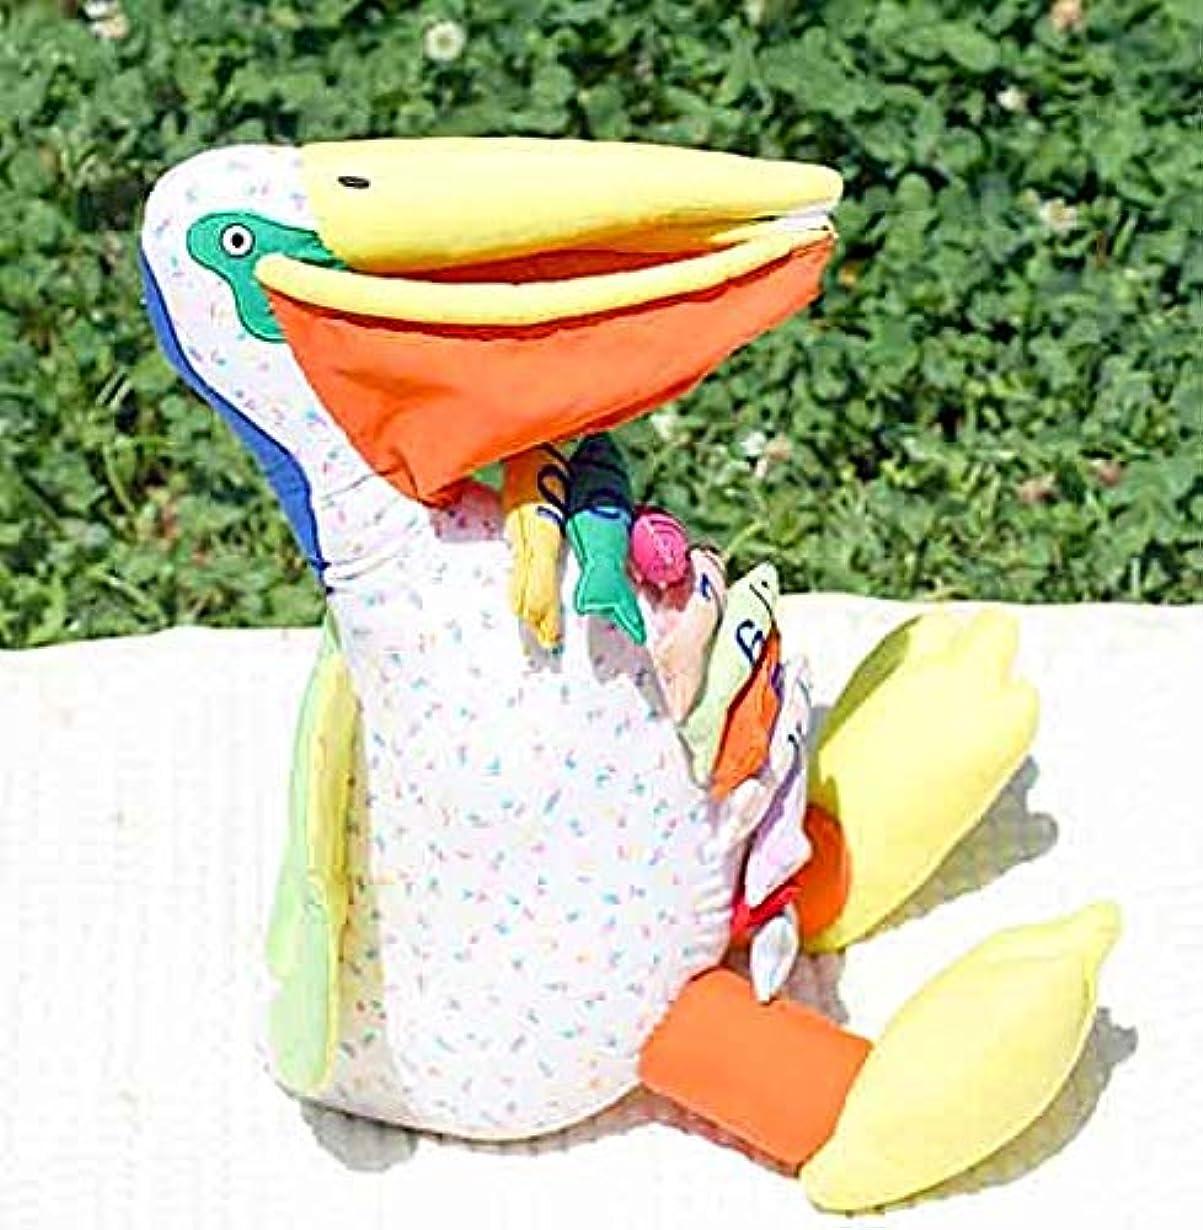 大西洋シャイニング煙布おもちゃ 布のプレイトイ かずあそび ペリカンくんのお魚大好き1 2 3 幼児教室 幼児教育